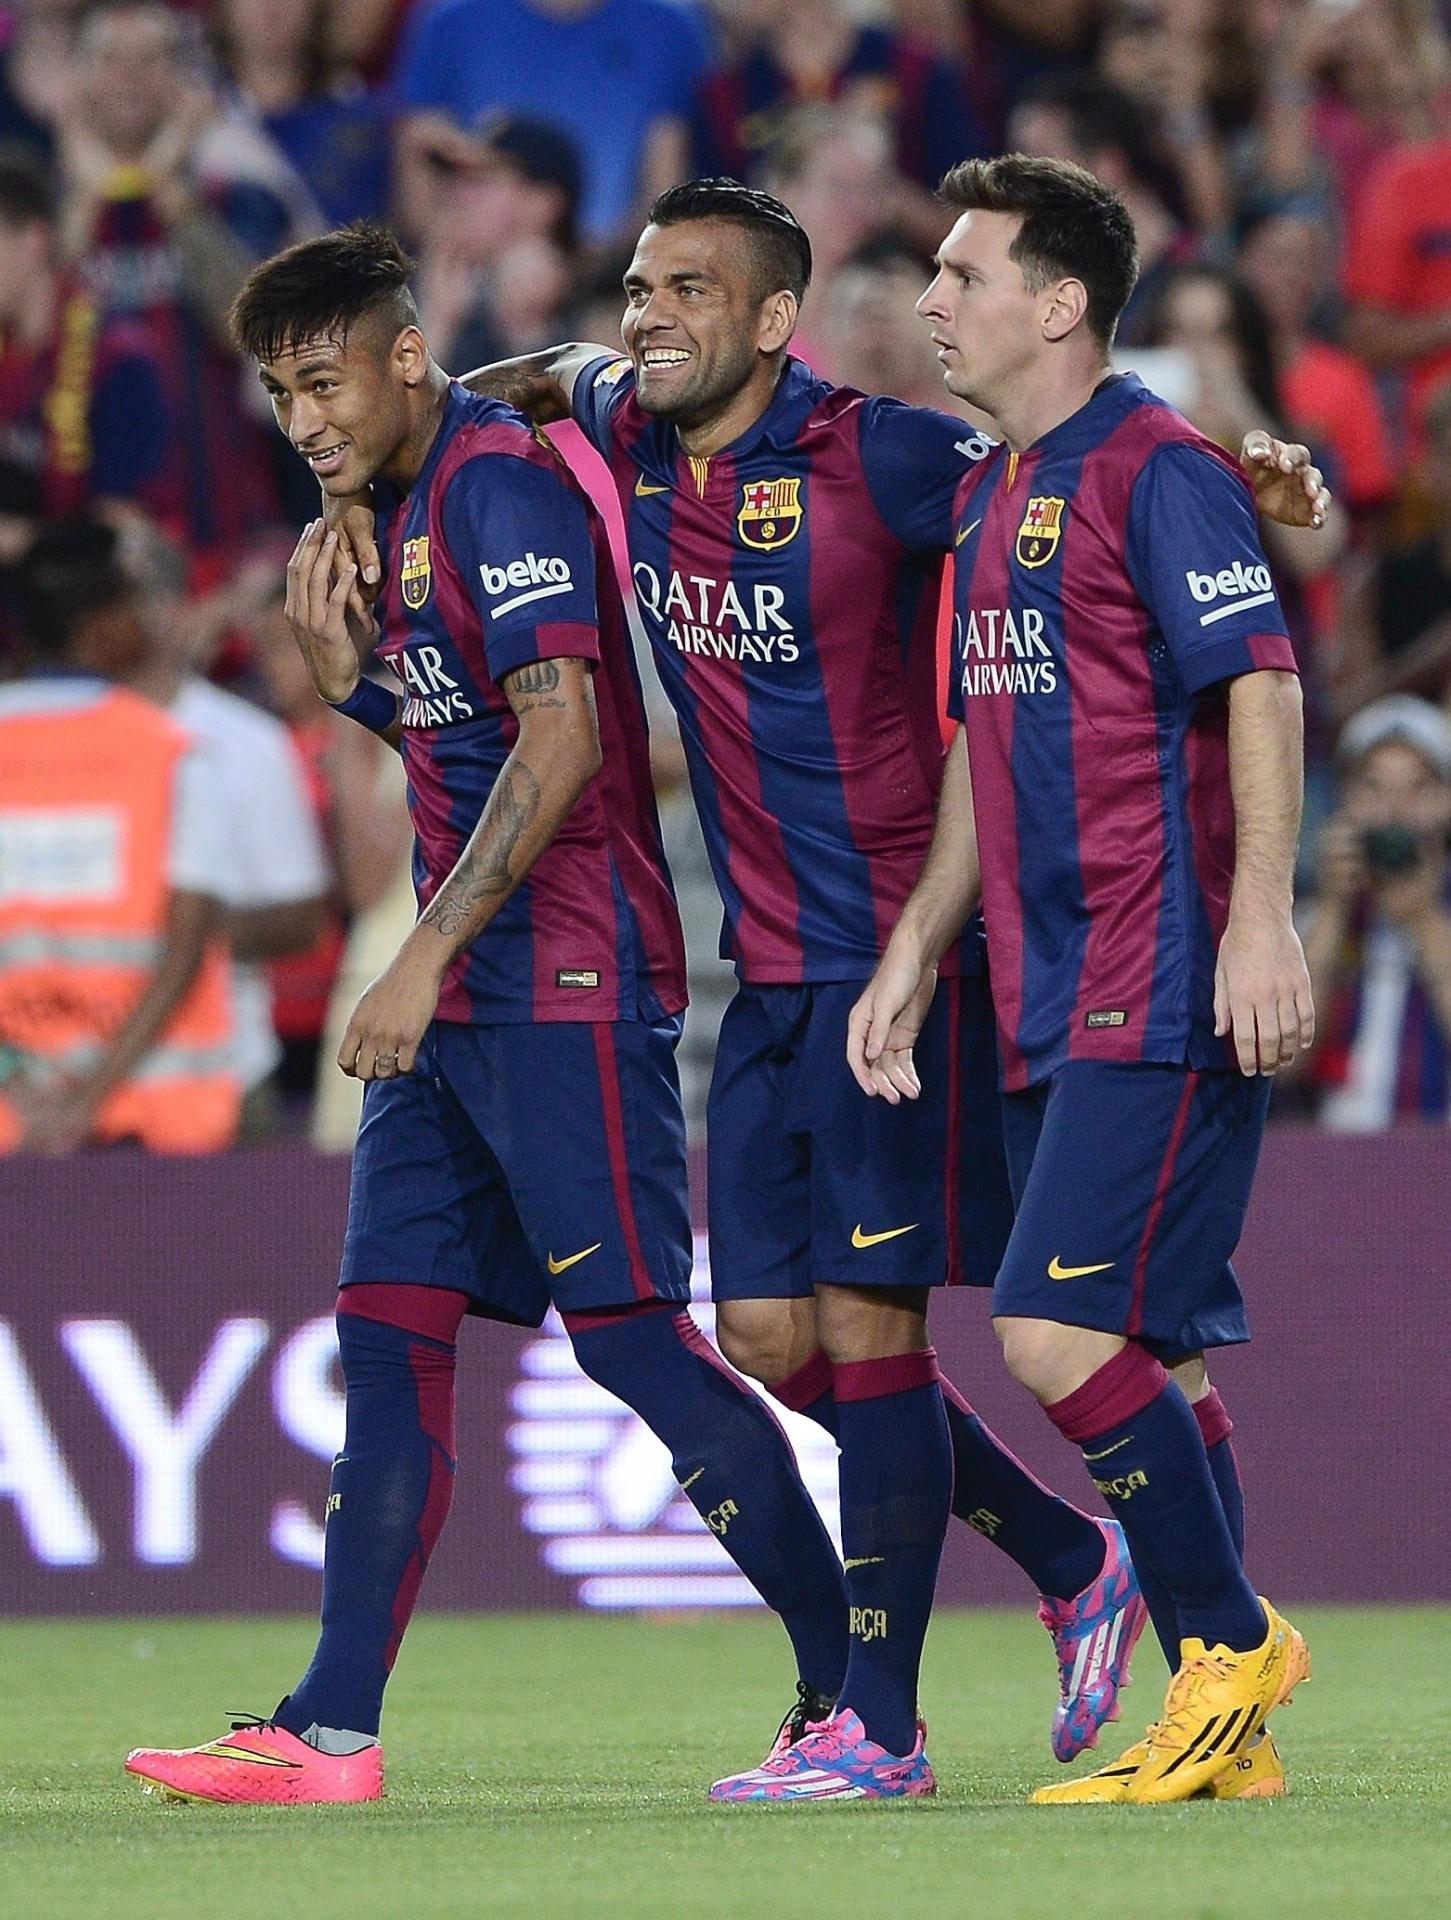 Messi é abraçado por Neymar e Daniel Alves após marcar o primeiro gol do Barcelona no troféu Joan Gamper, contra o León-MEX. O jogo marca a apresentação do elenco catalão à torcida.